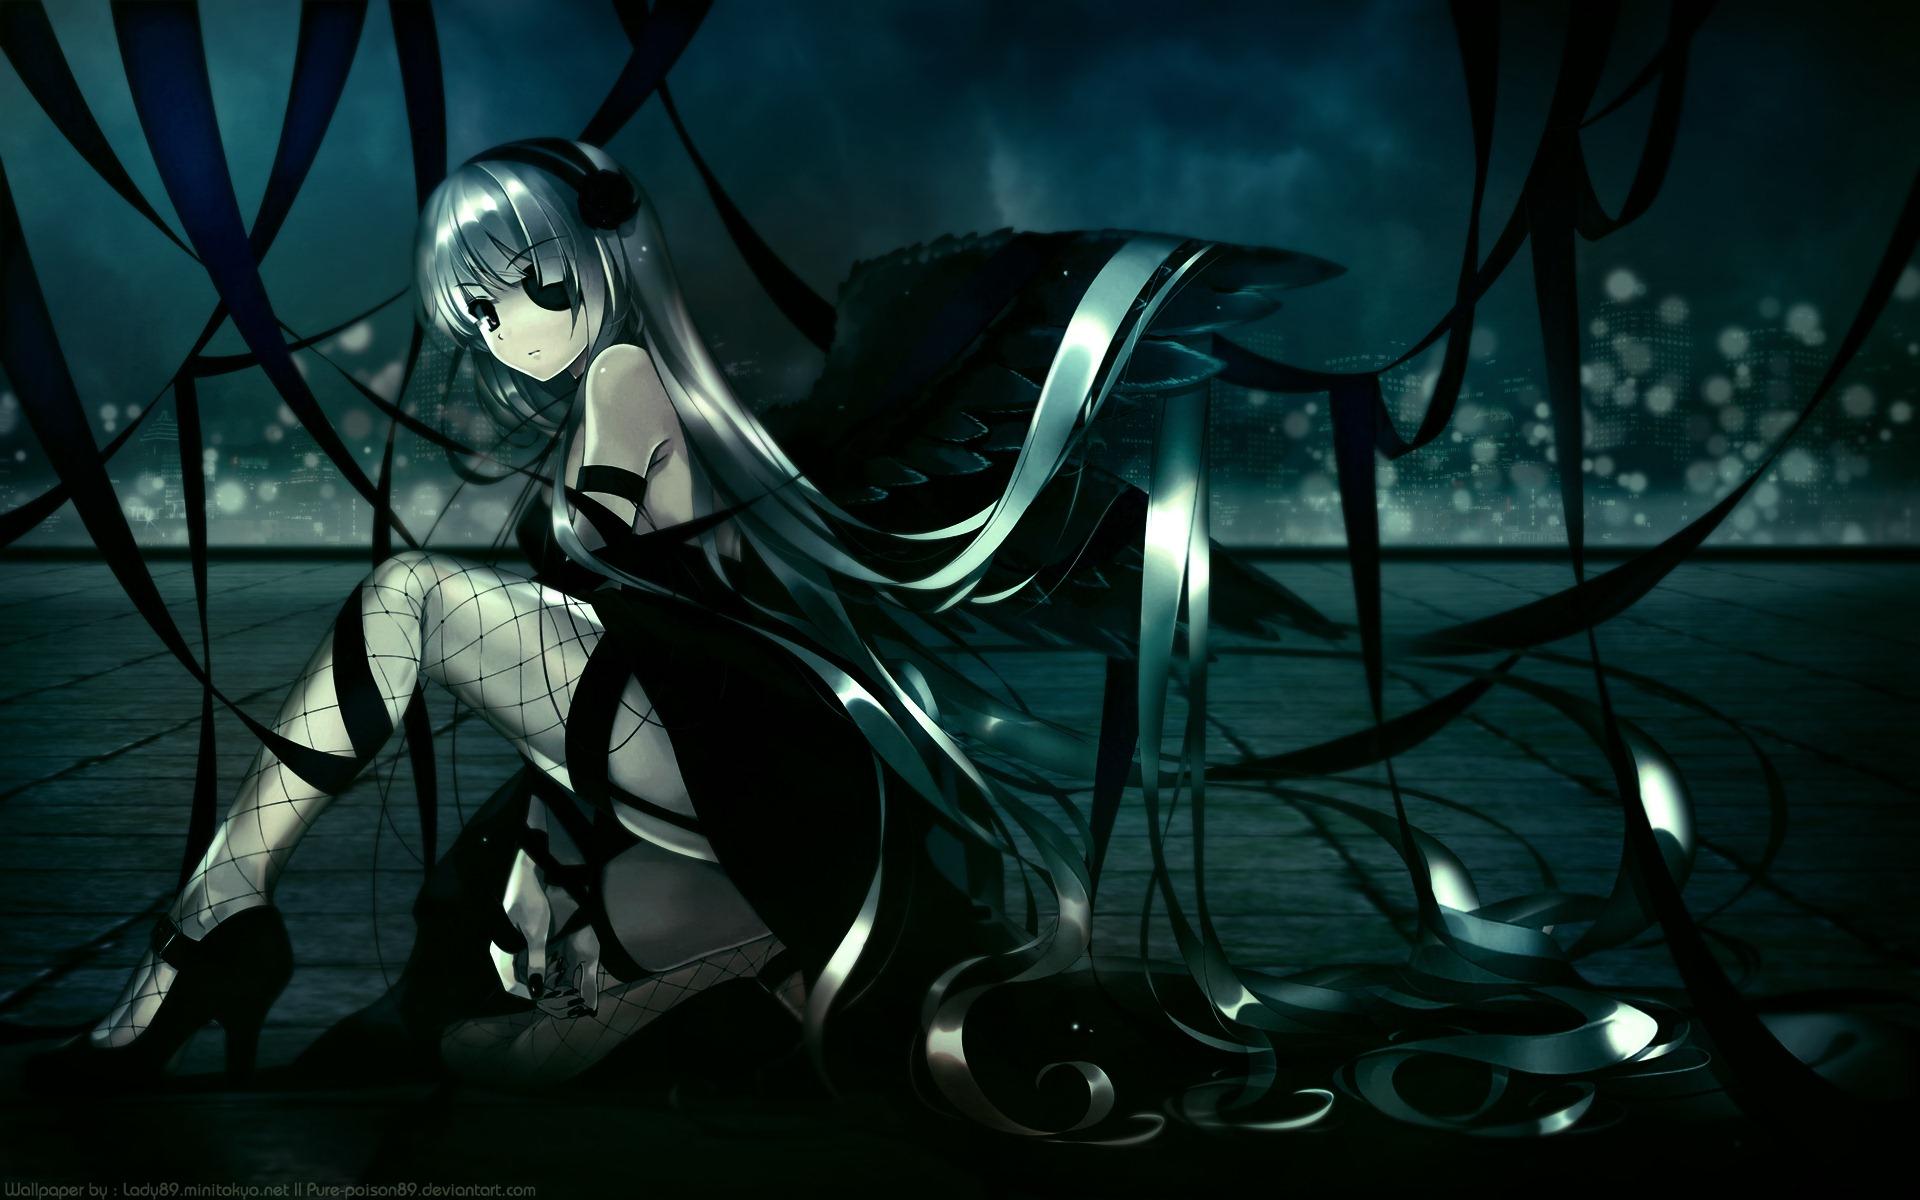 Dark anime wallpaper hd wallpapersafari - Wallpaper dark anime ...